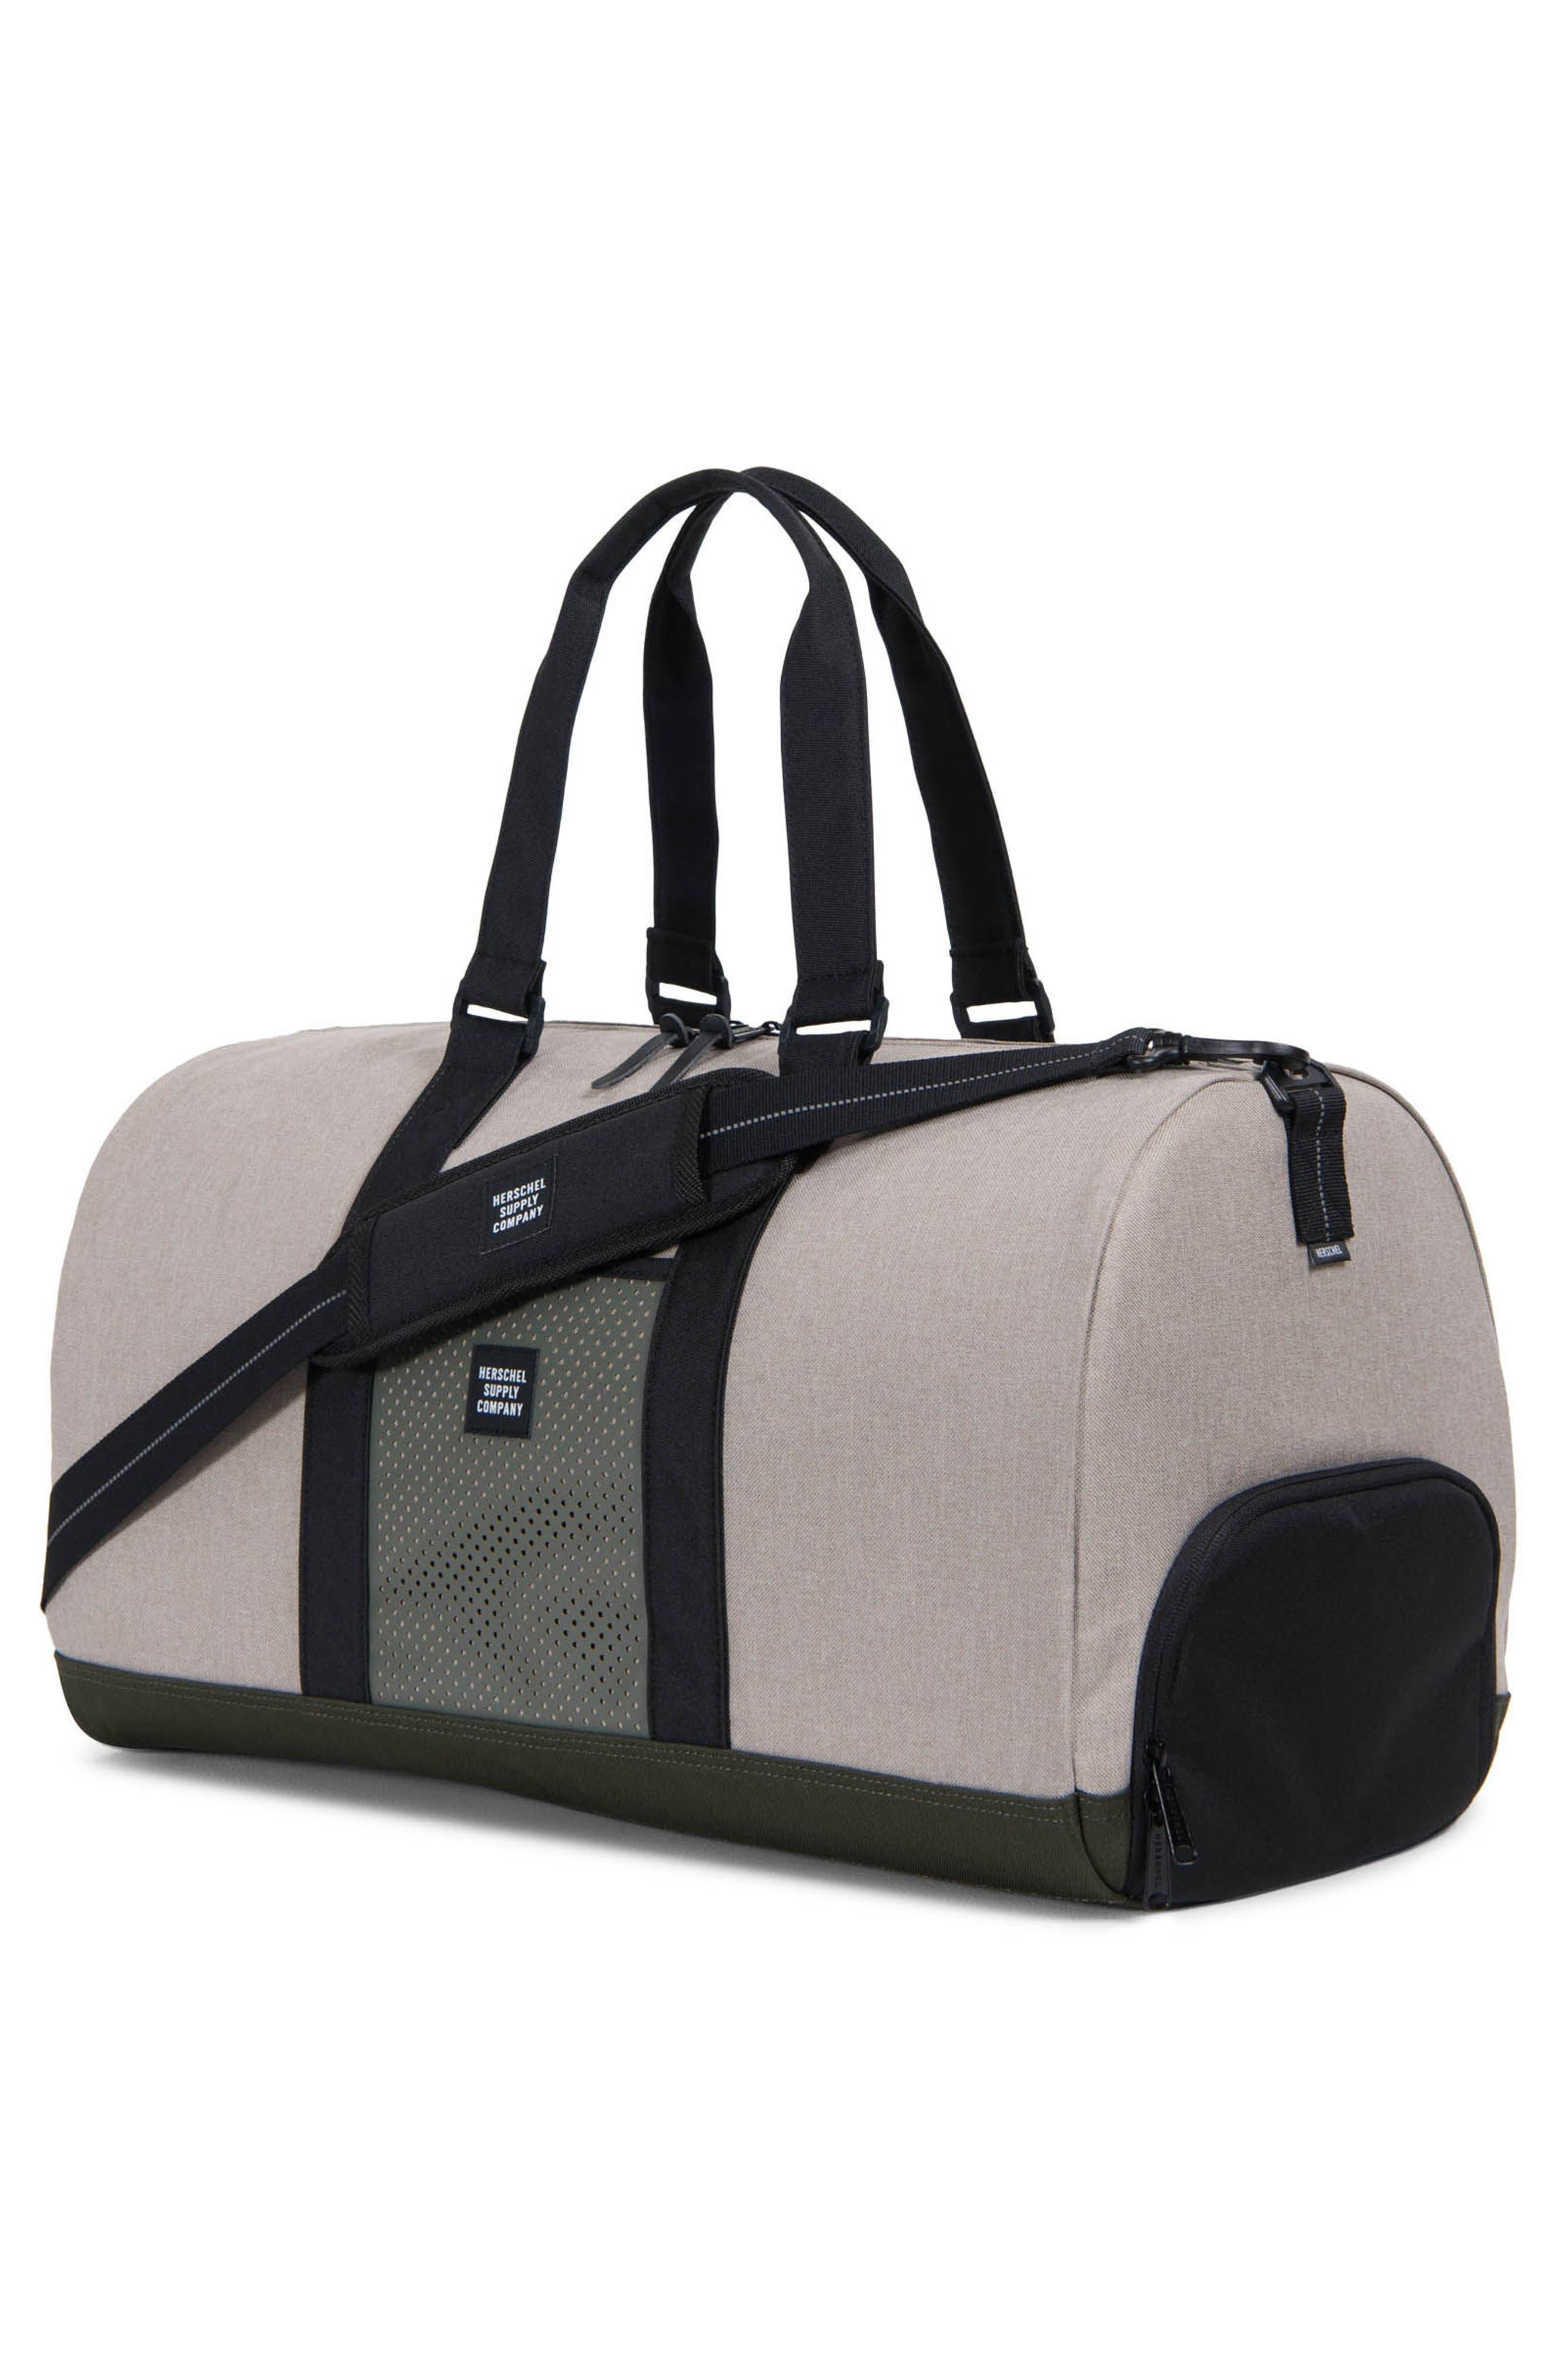 Herschel supply co novel aspect duffel bag image collections jpg 1660x1783 Duffel  bag zumiez 33b74e5365